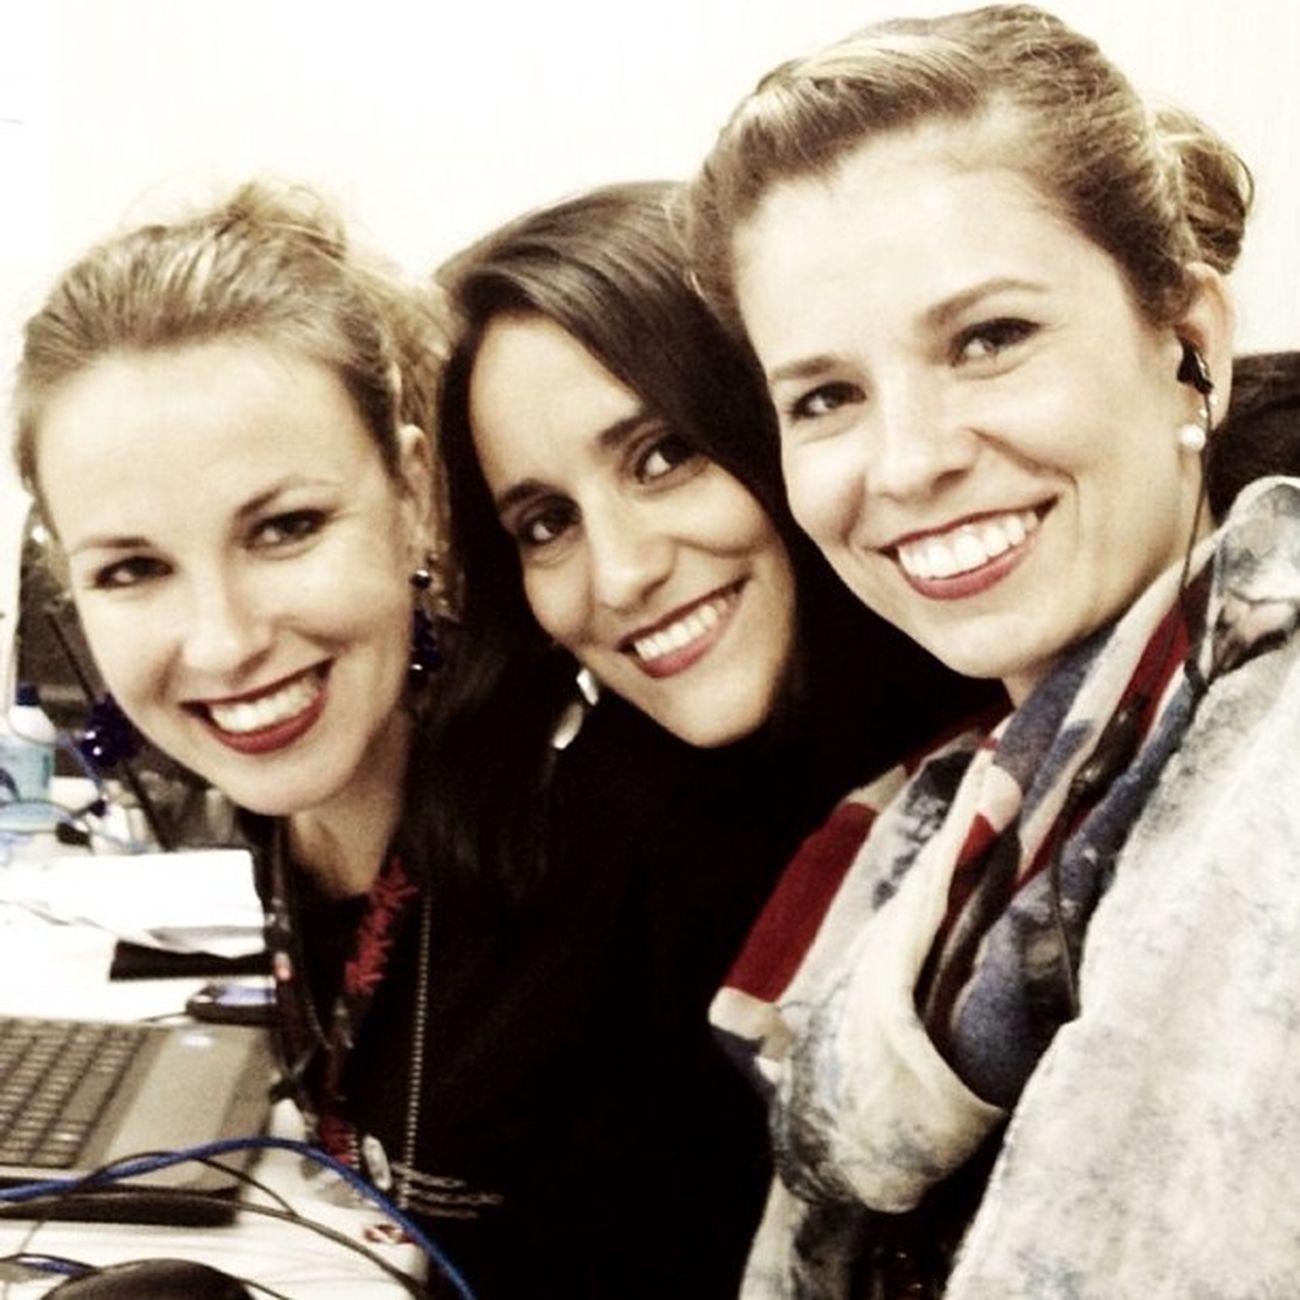 Trabalhadas no bocão na Sala de Imprensa do Rock in Rio. Porque trabalhar com amigas é bom demais!! Rockinrio Saladeimprensarir2013 Approach Riodejaneiro brazil